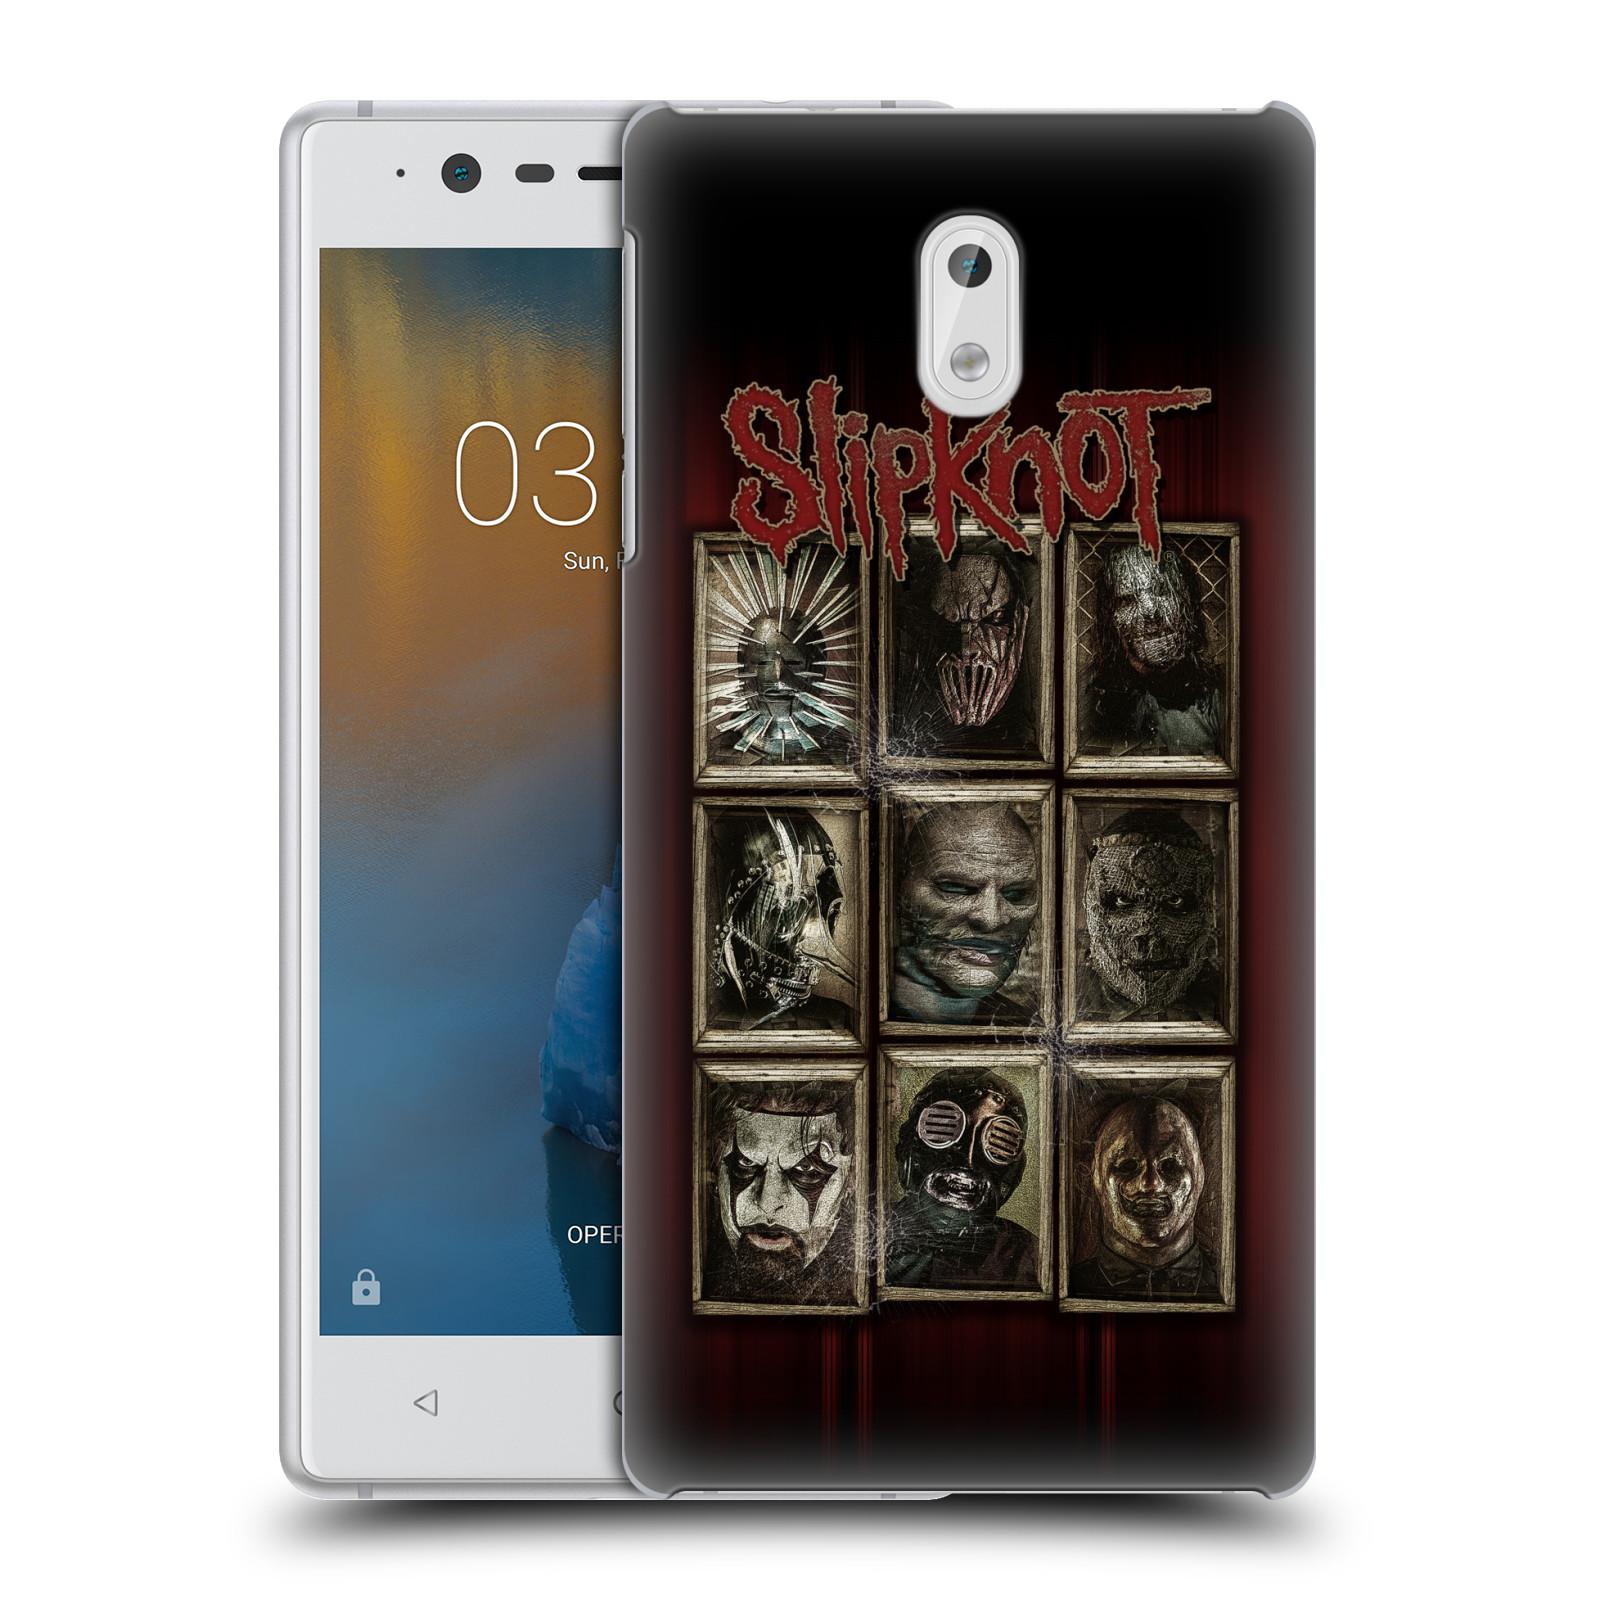 Plastové pouzdro na mobil Nokia 3 Head Case - Slipknot - Masky (Plastový kryt či obal na mobilní telefon licencovaným motivem Slipknot pro Nokia 3 (2017))